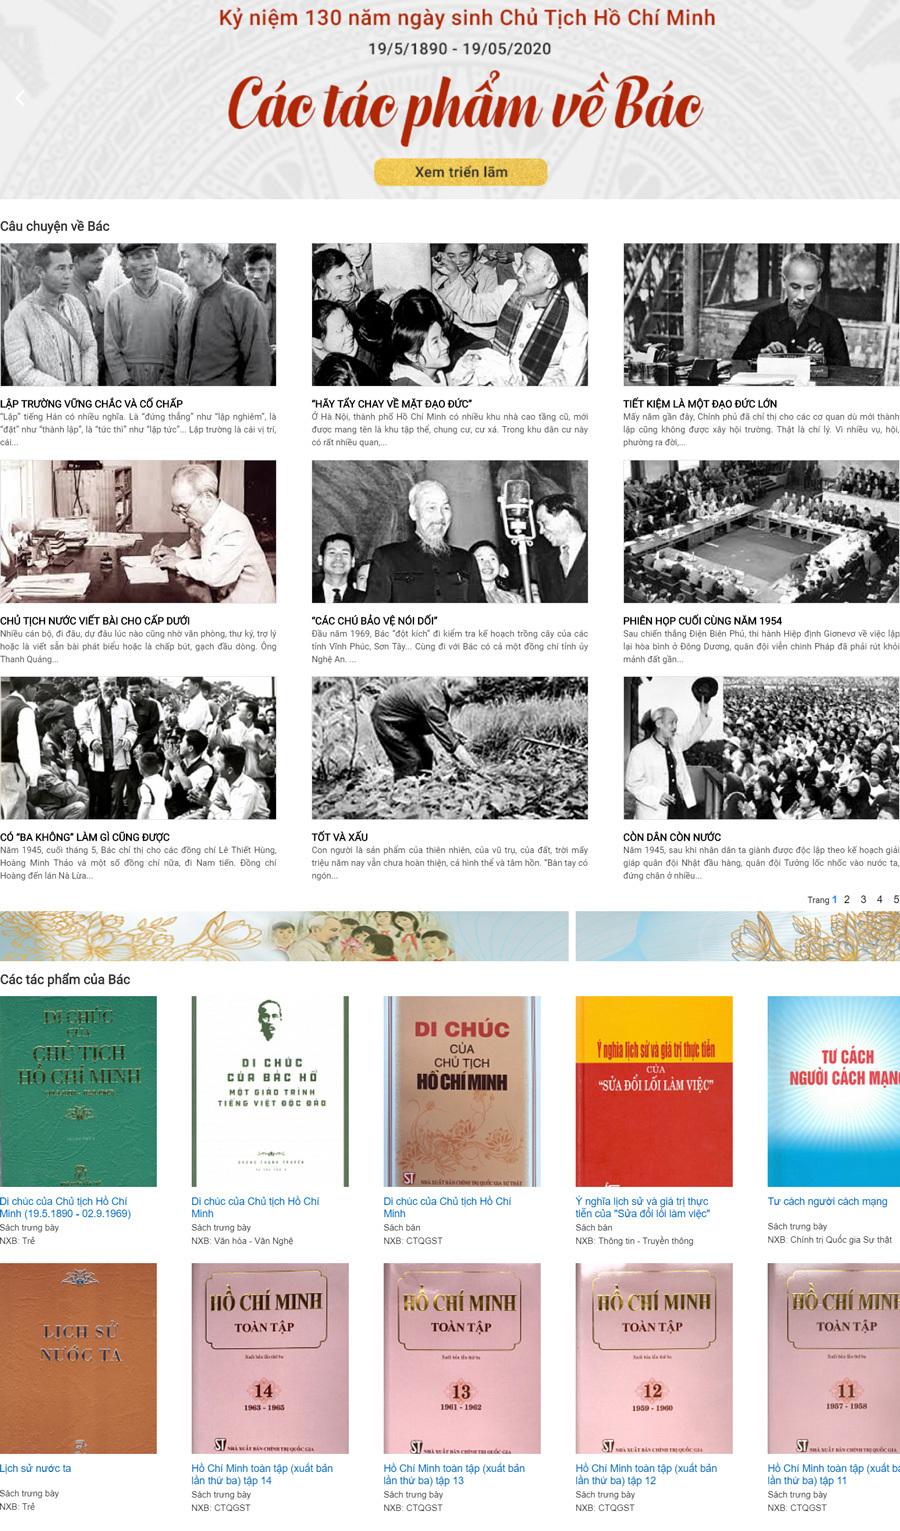 Trưng bày trực tuyến bộ 5 tác phẩm bảo vật quốc gia của Bác Hồ